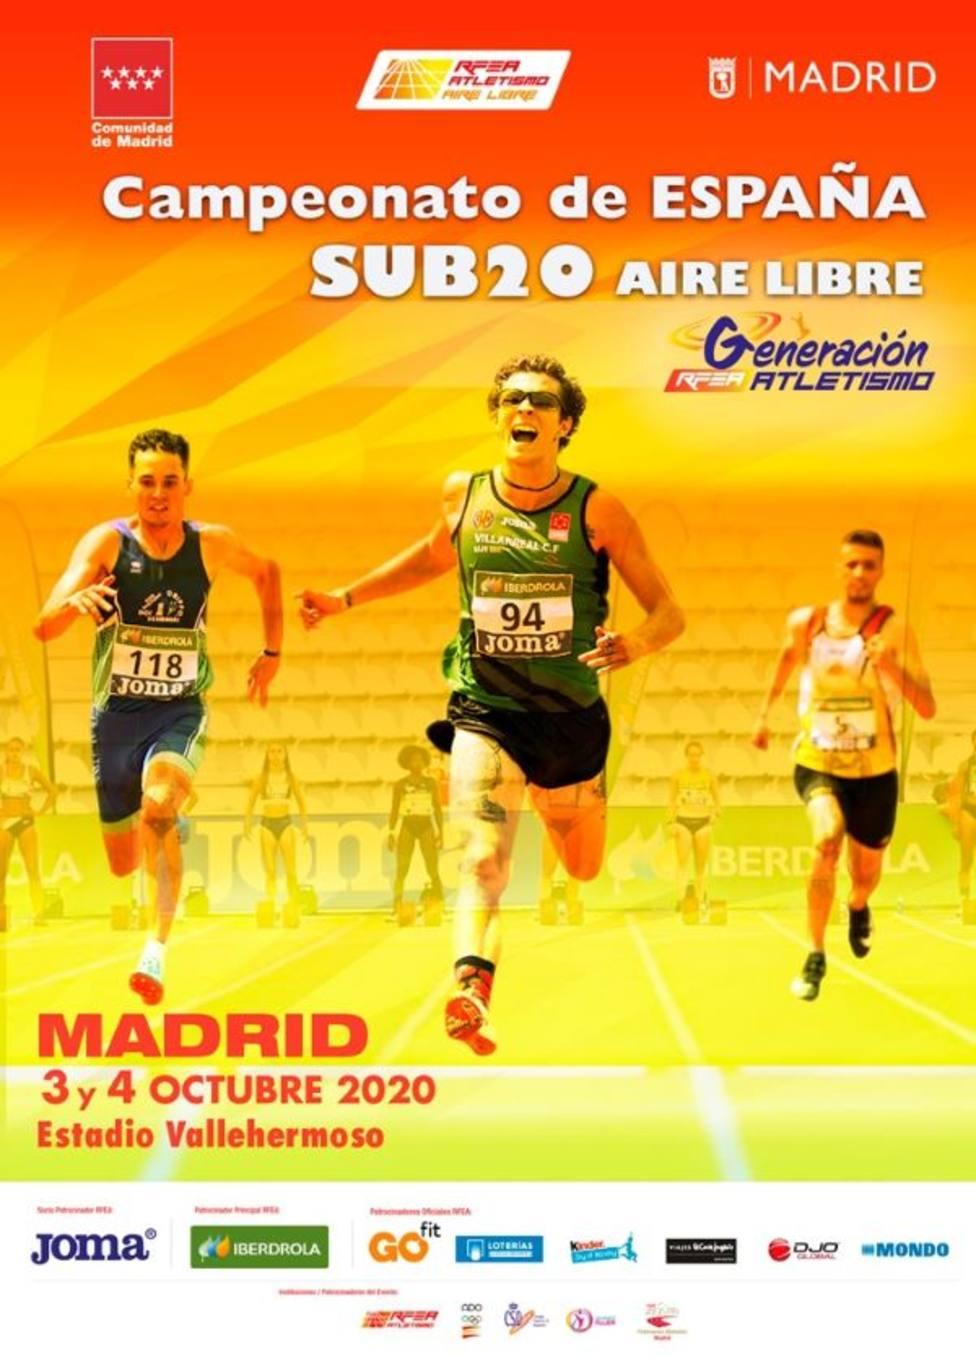 21 atletas de la región disputarán en Madrid el campeonato de España sub-20 en Madrid